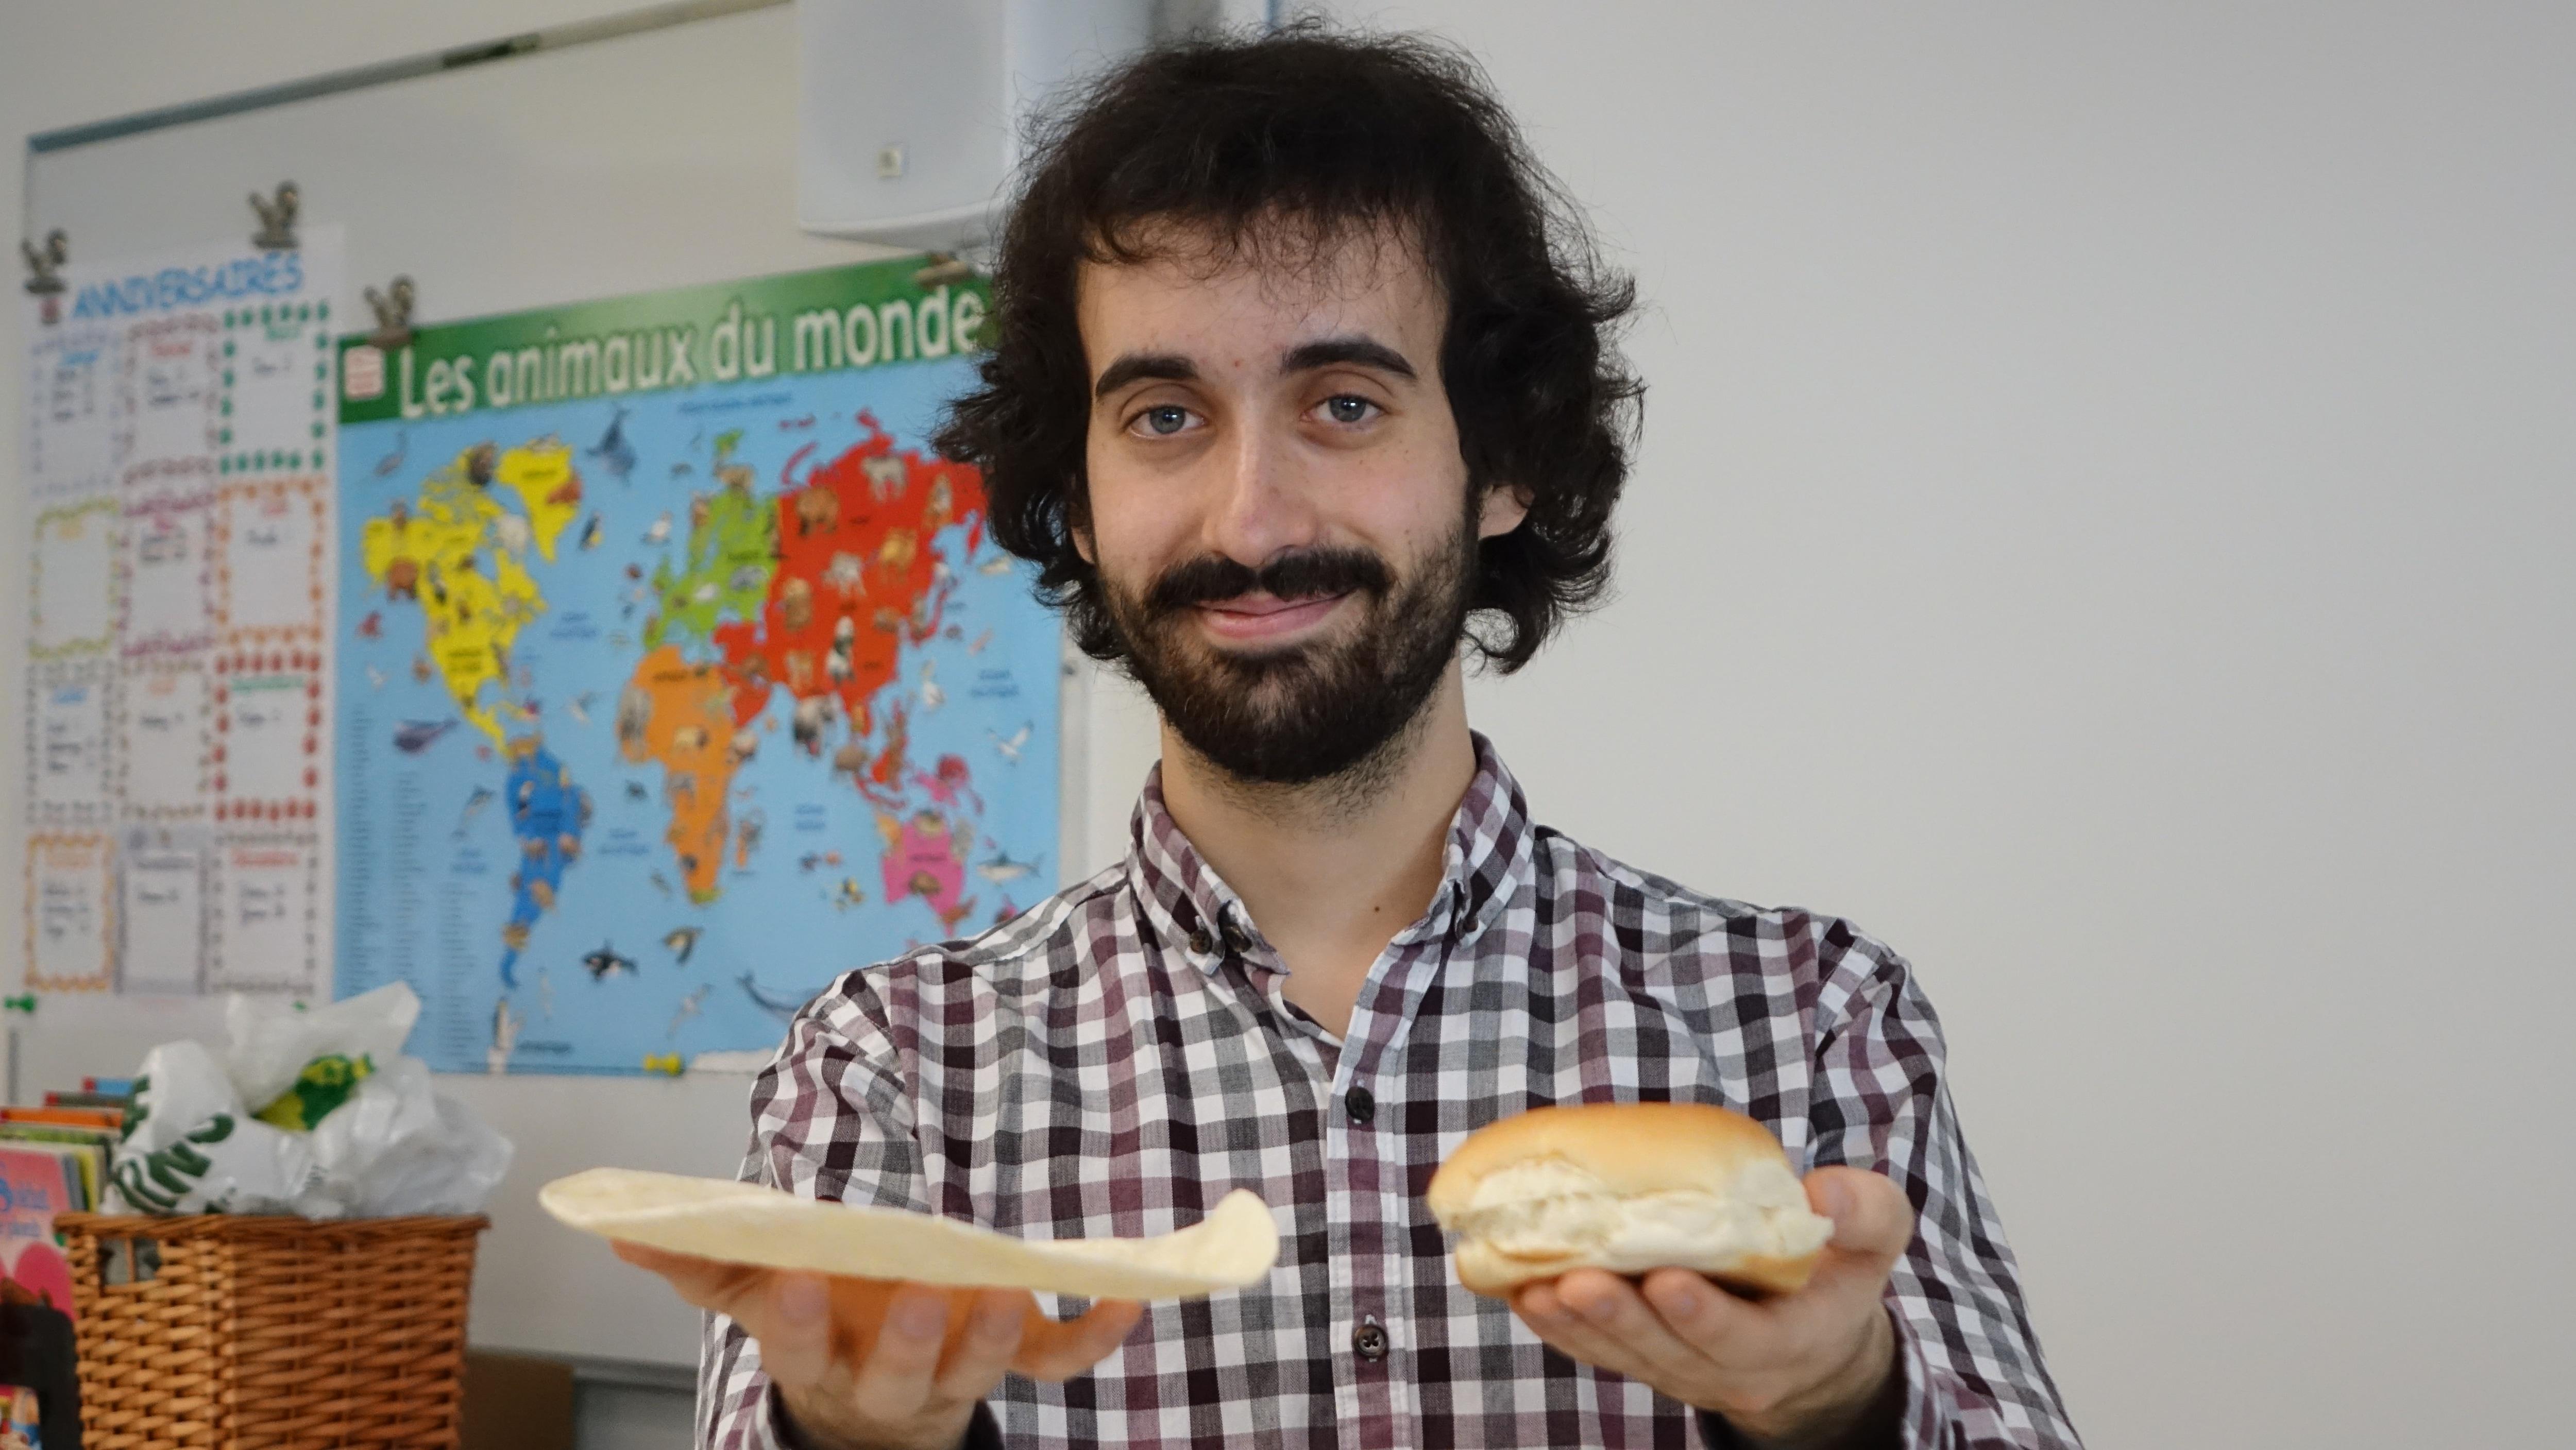 Un homme tient deux pains, un pain pita et un pain à hamburger, dans ses mains.